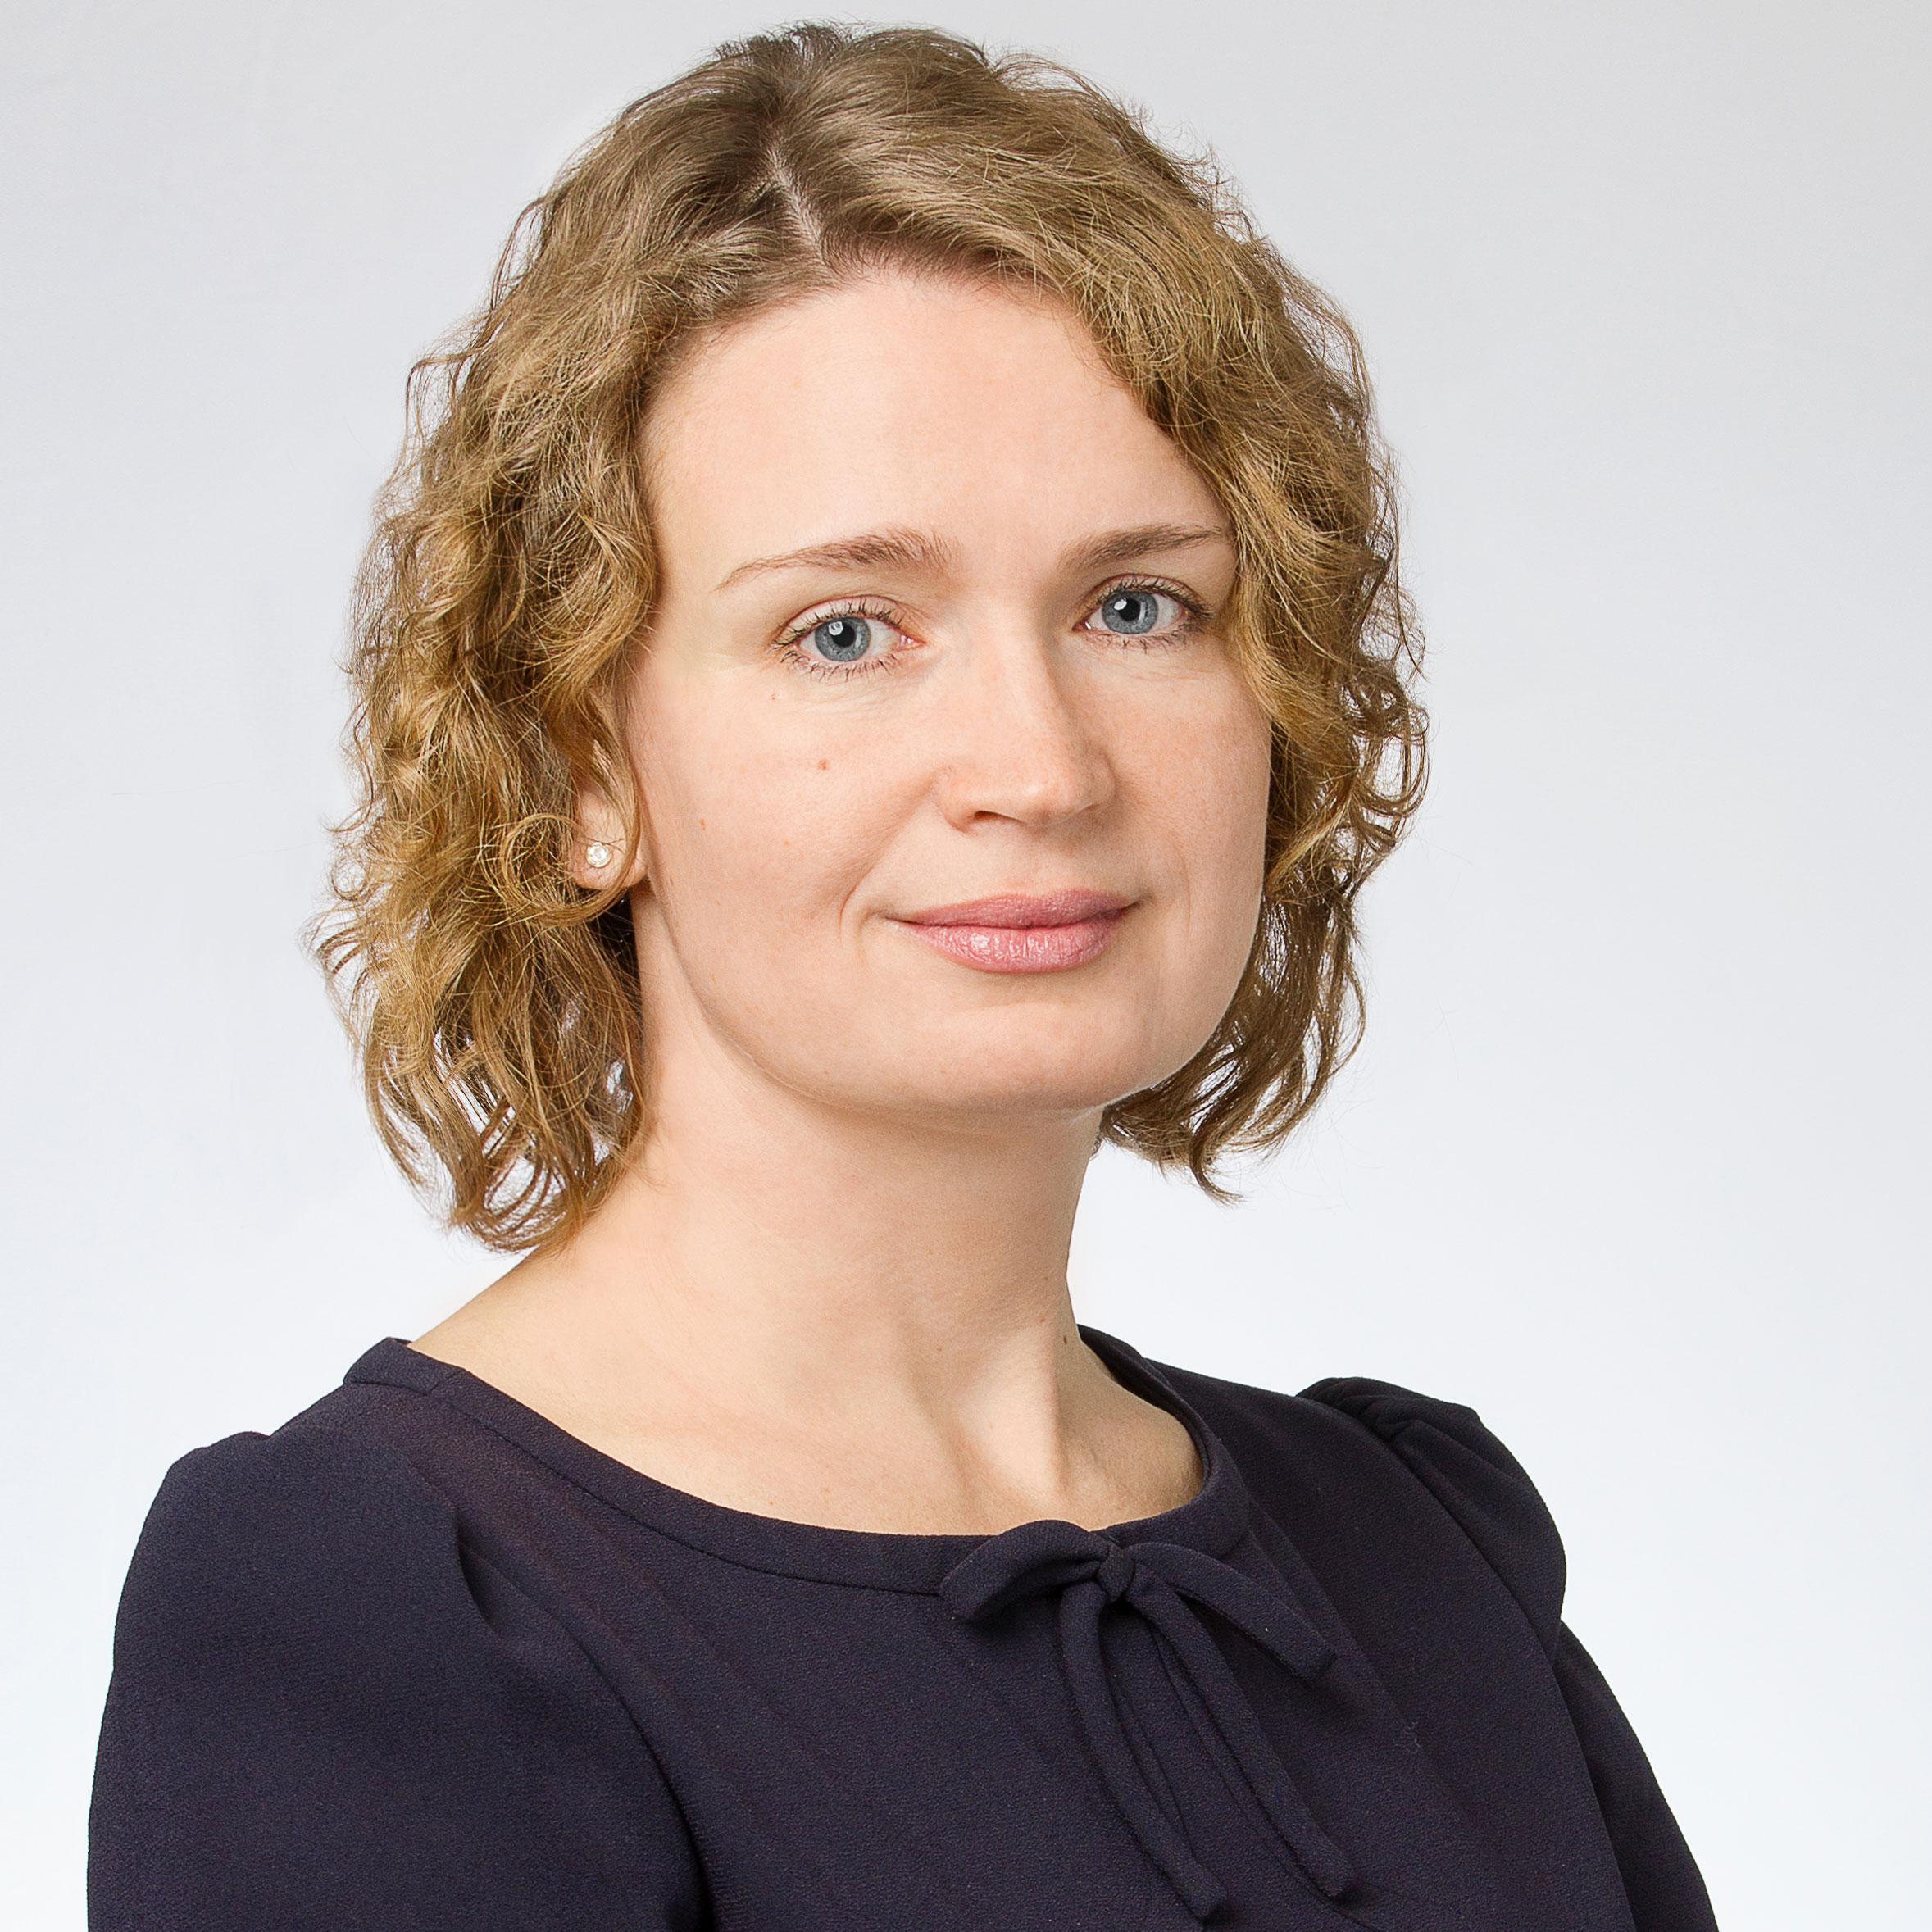 ВАЖНЫЙ ПОКАЗАТЕЛЬ: Марина Иванцова, вице-президент по персоналу Carlsberg Ukraine, о том, зачем измерять счастье